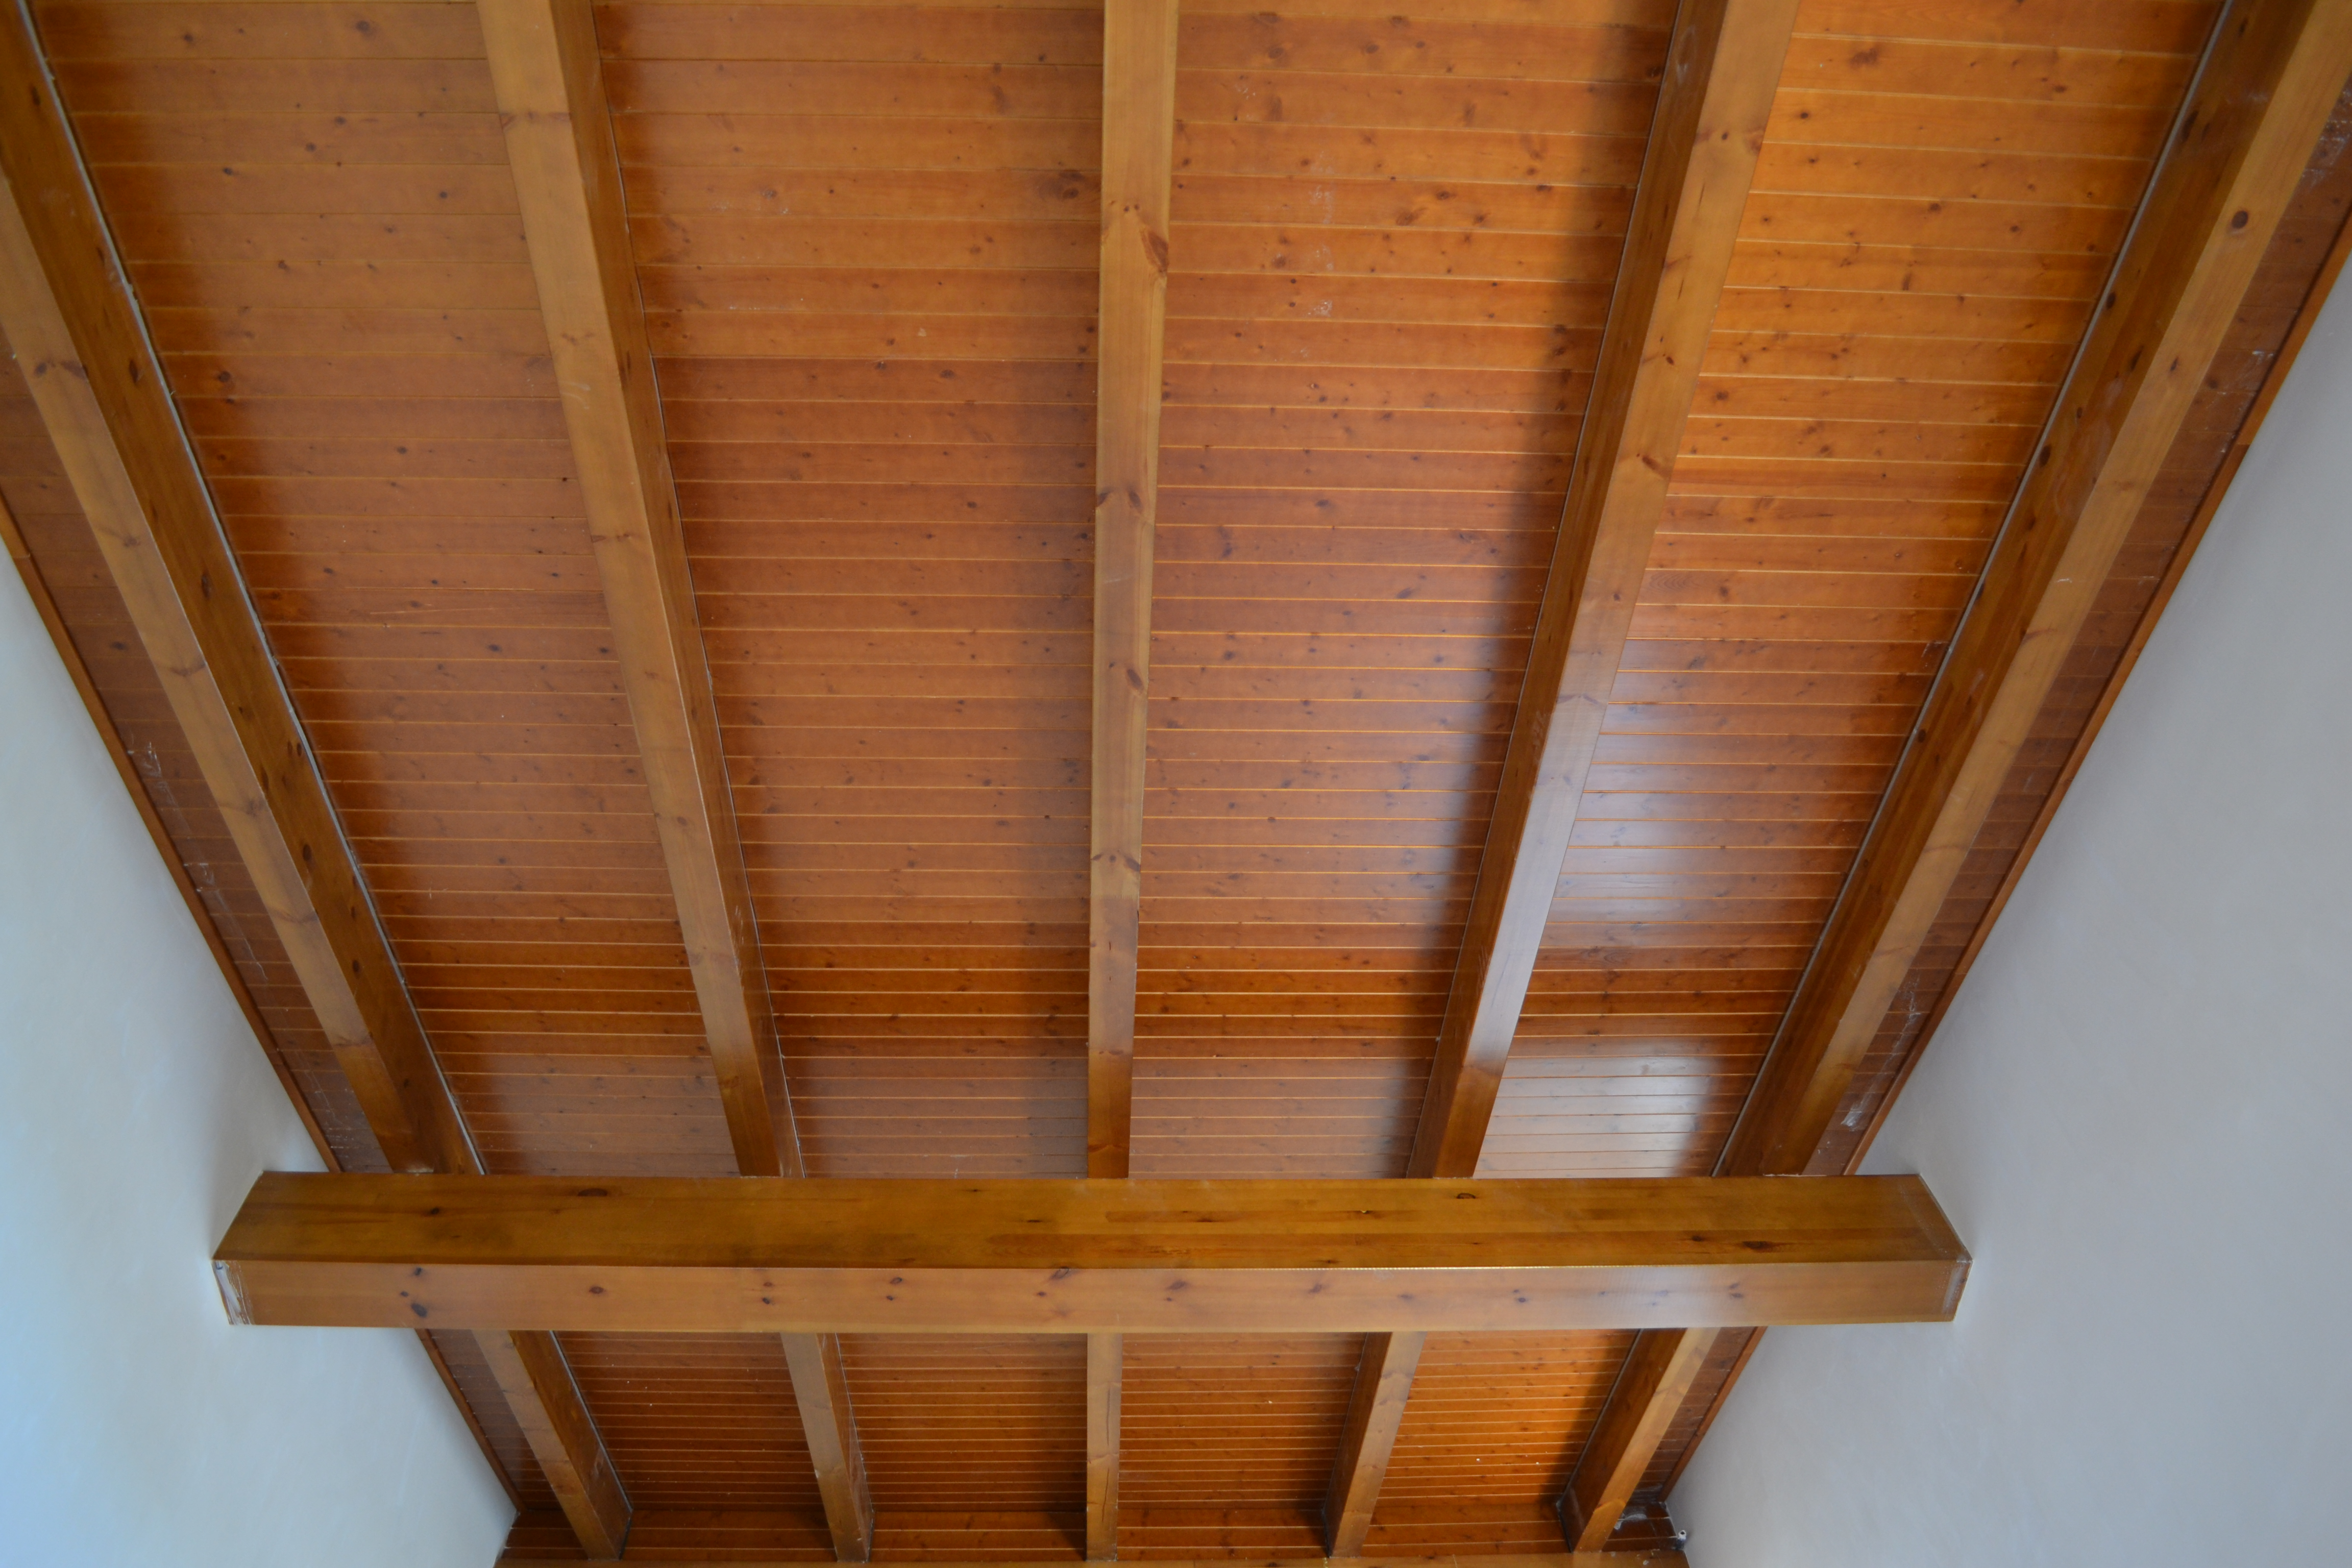 Tejados de madera laminada opci n perfecta incofusta for Imagenes de tejados de madera